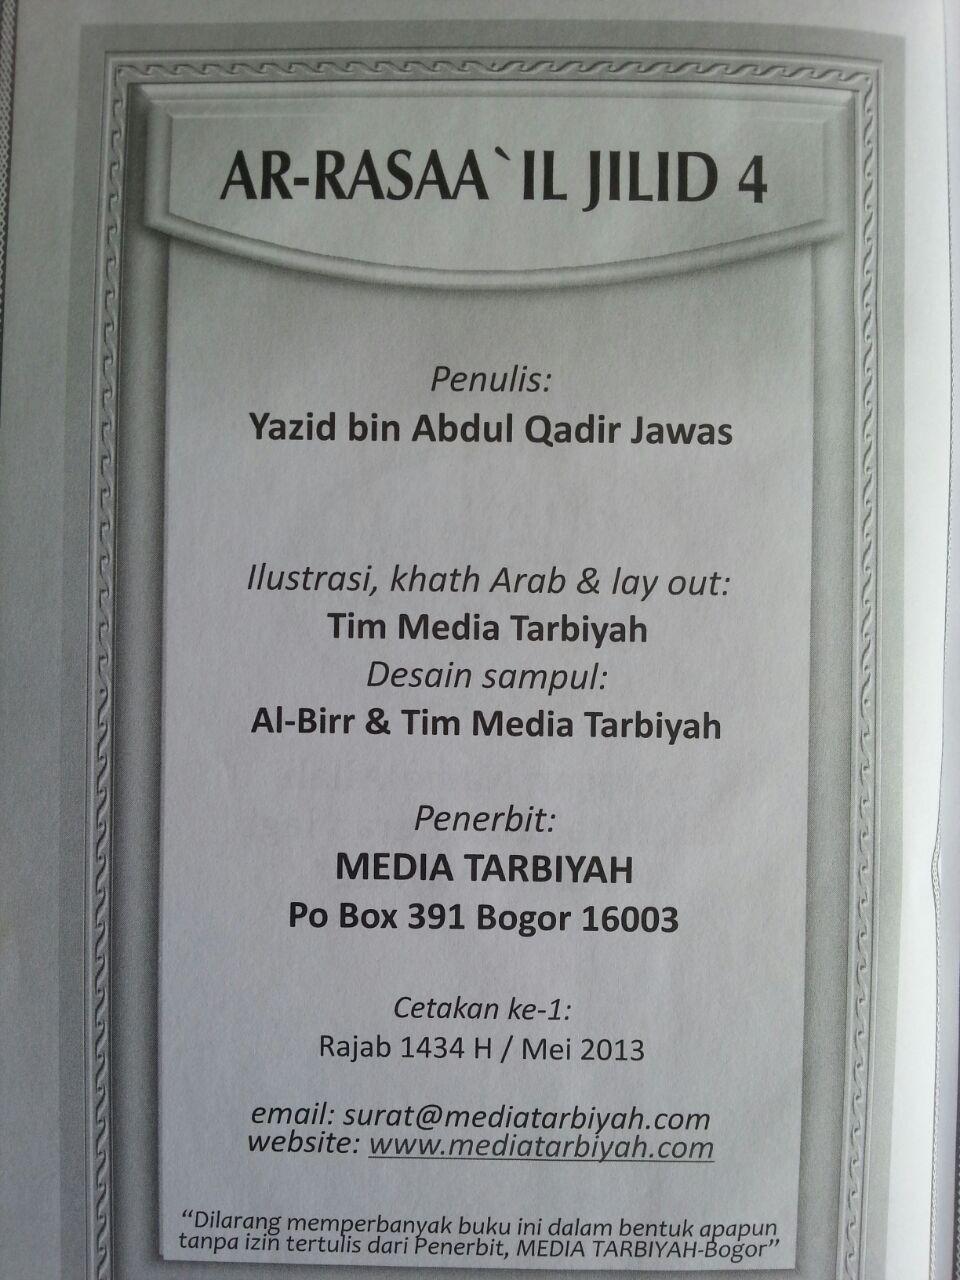 Buku Ar Rasaa-il Kumpulan Risalah Aqidah Fiqih Dan Hukum isi 4